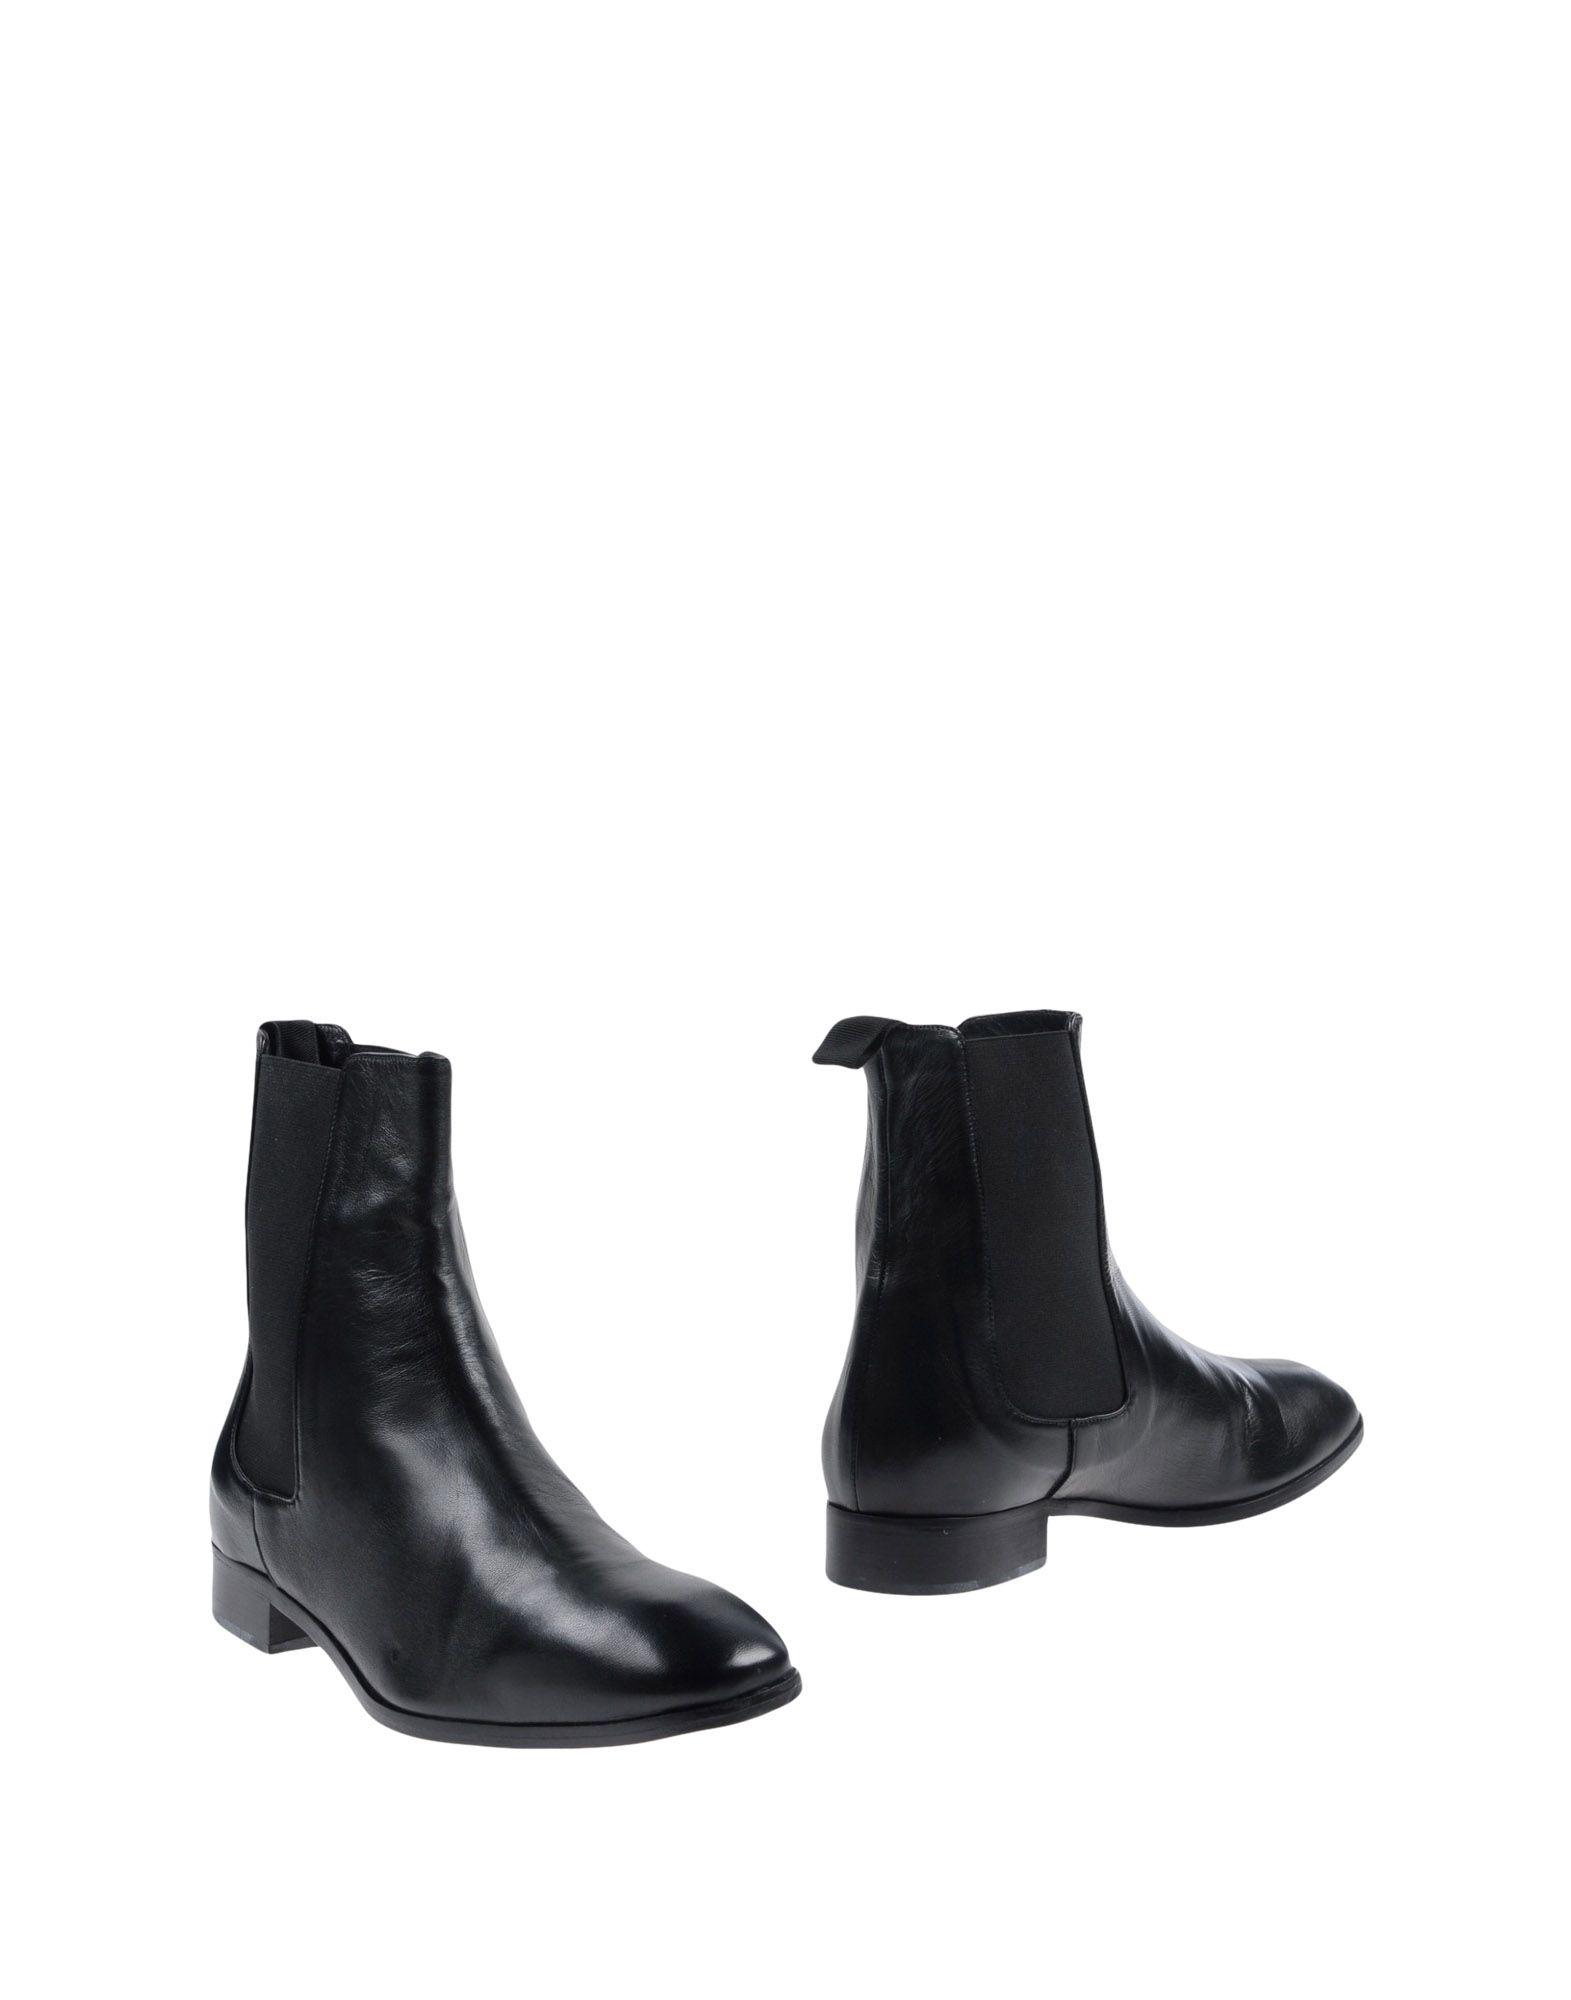 Iris & Ink Chelsea Boots Damen  11434637OC Gute Gute Gute Qualität beliebte Schuhe f7c3ac